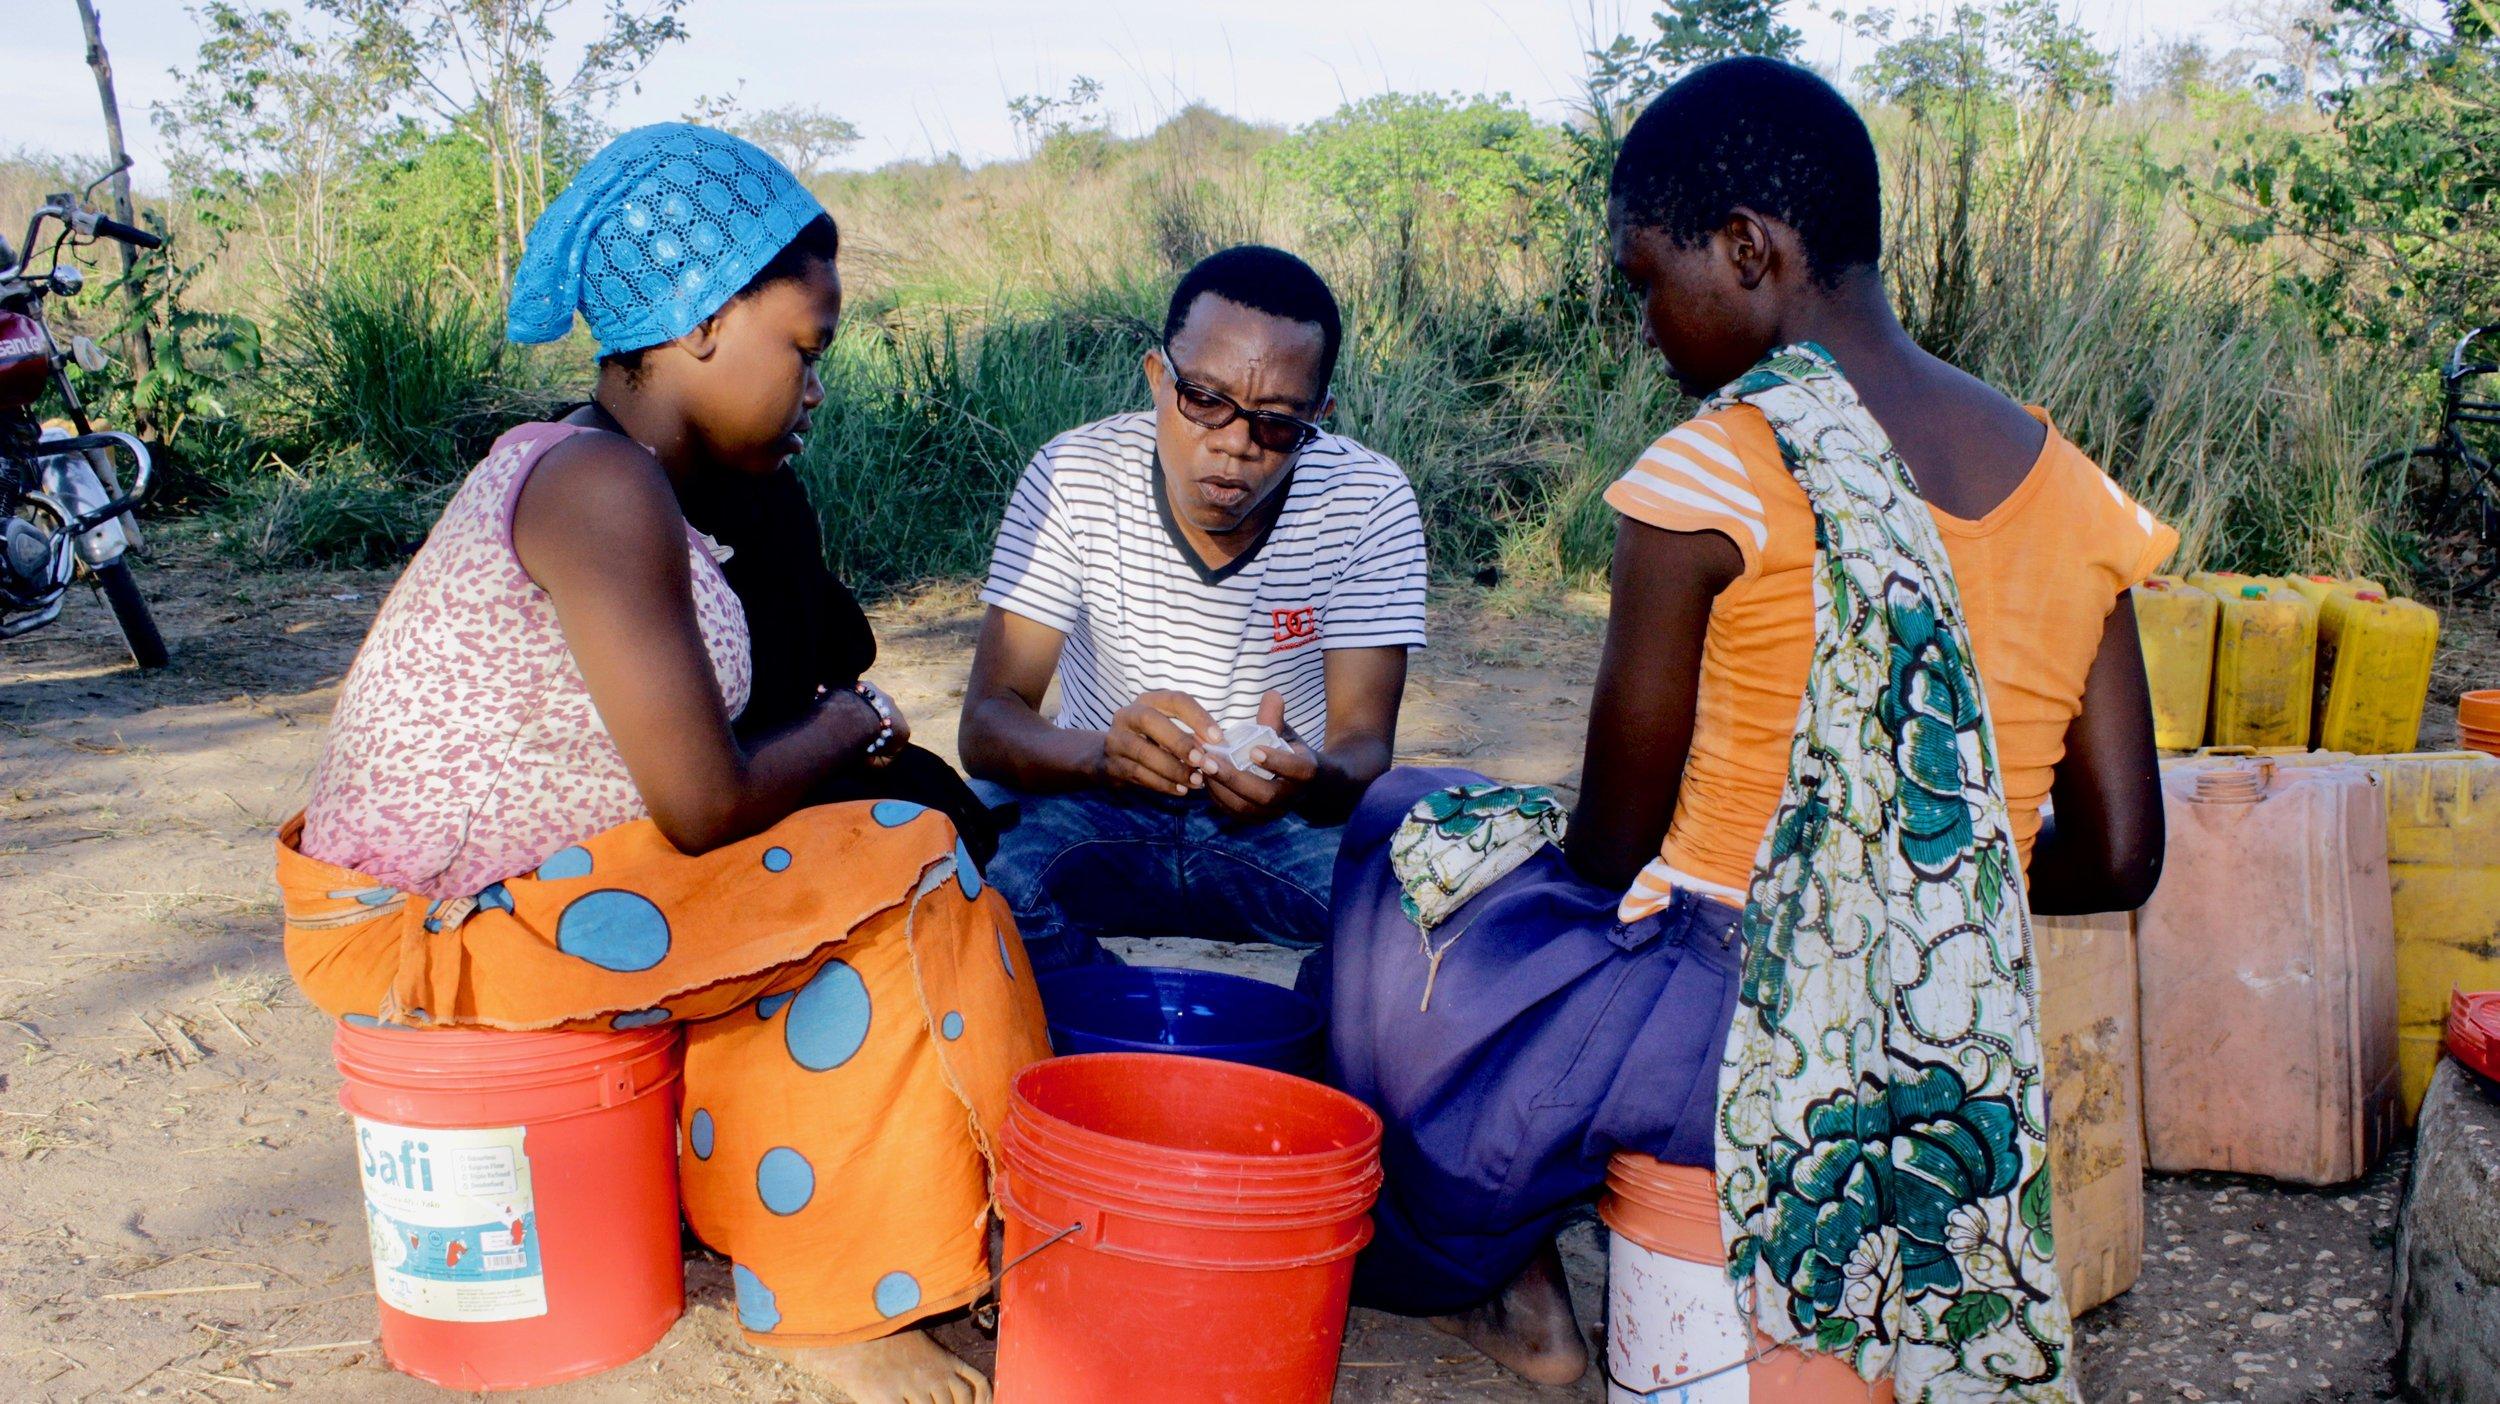 Africa_Kisarawe District15.jpg